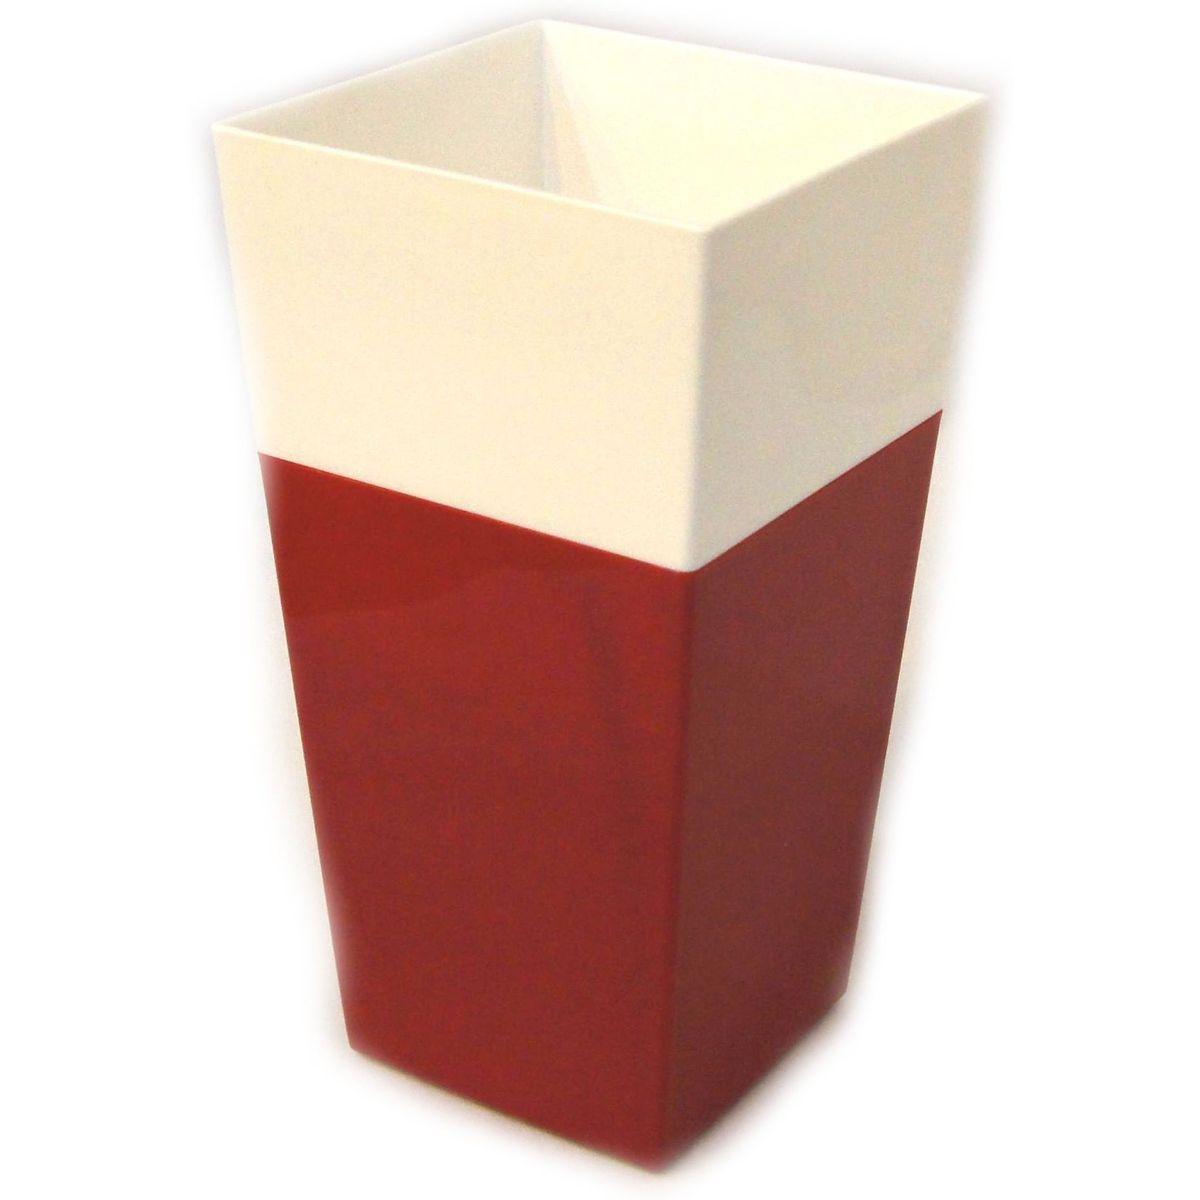 Кашпо JetPlast Дуэт, цвет: красный, белый, высота 34 см4612754052615Кашпо имеет строгий дизайн и состоит из двух частей: верхней части для цветка и нижней – поддона. Конструкция горшка позволяет, при желании, использовать систему фитильного полива, снабдив горшок веревкой. Оно изготовлено из прочного полипропилена (пластика). Размеры кашпо: 18 х 18 х 34 см.